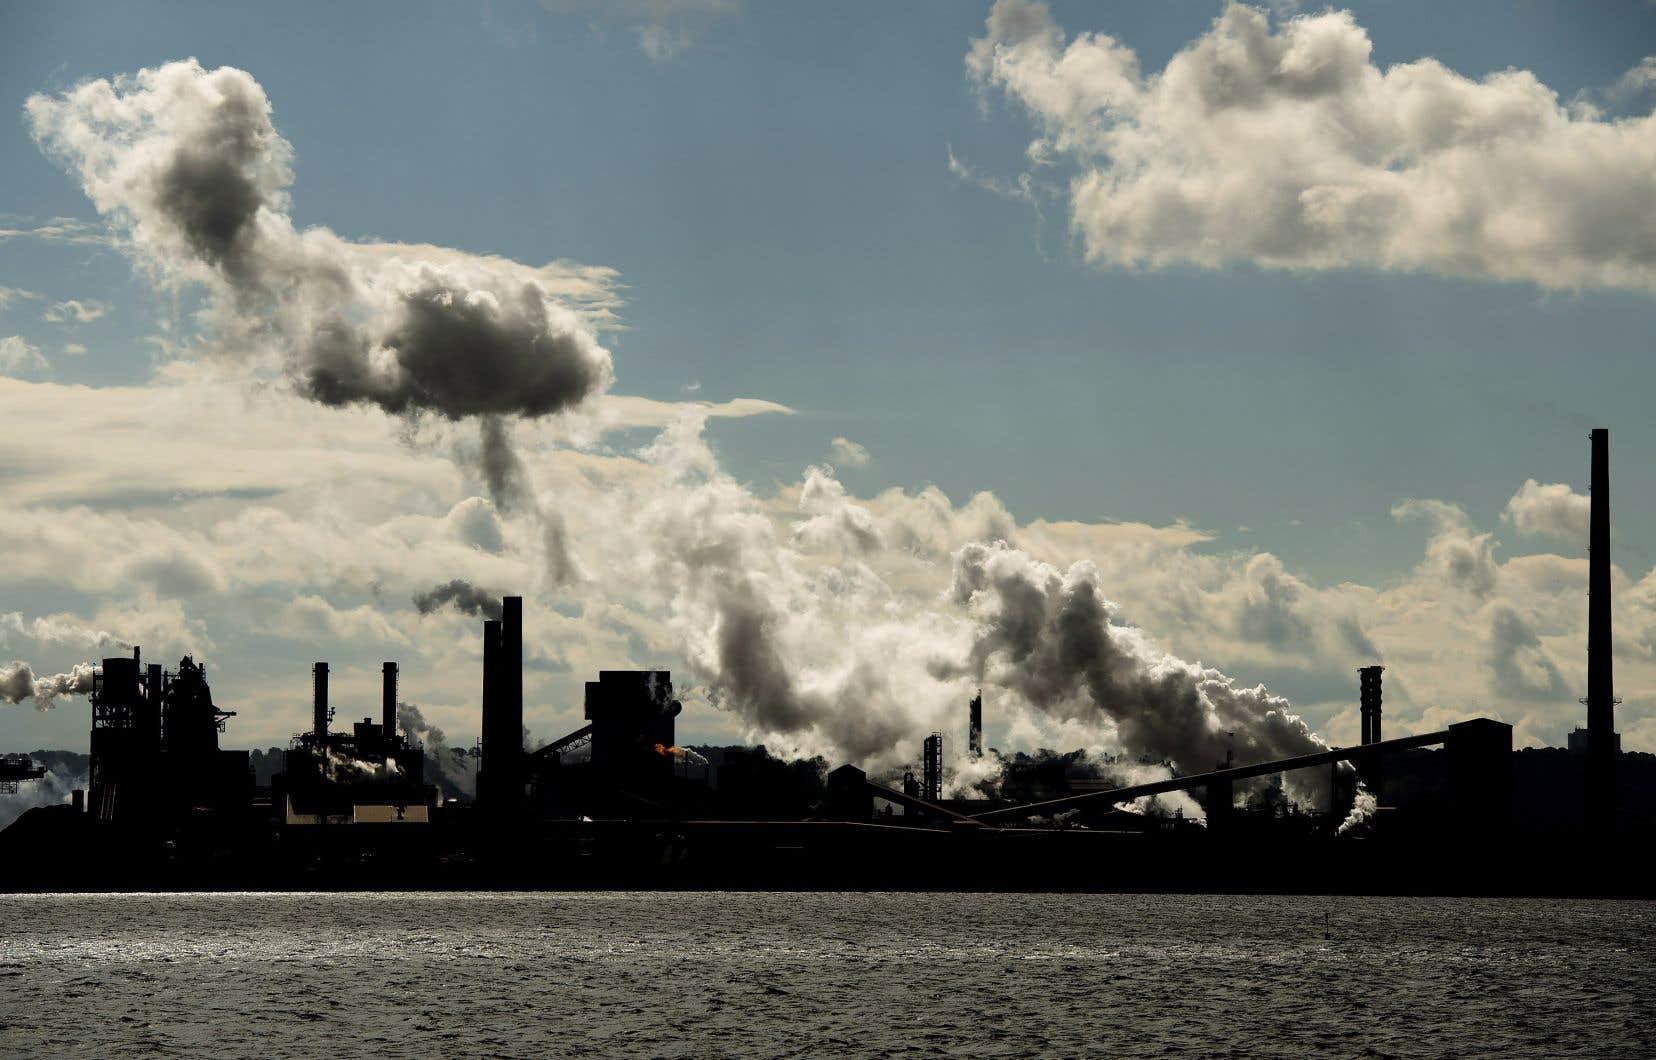 Le Canada doit ramener ses émissions de GES à 517 mégatonnes d'ici 2030.